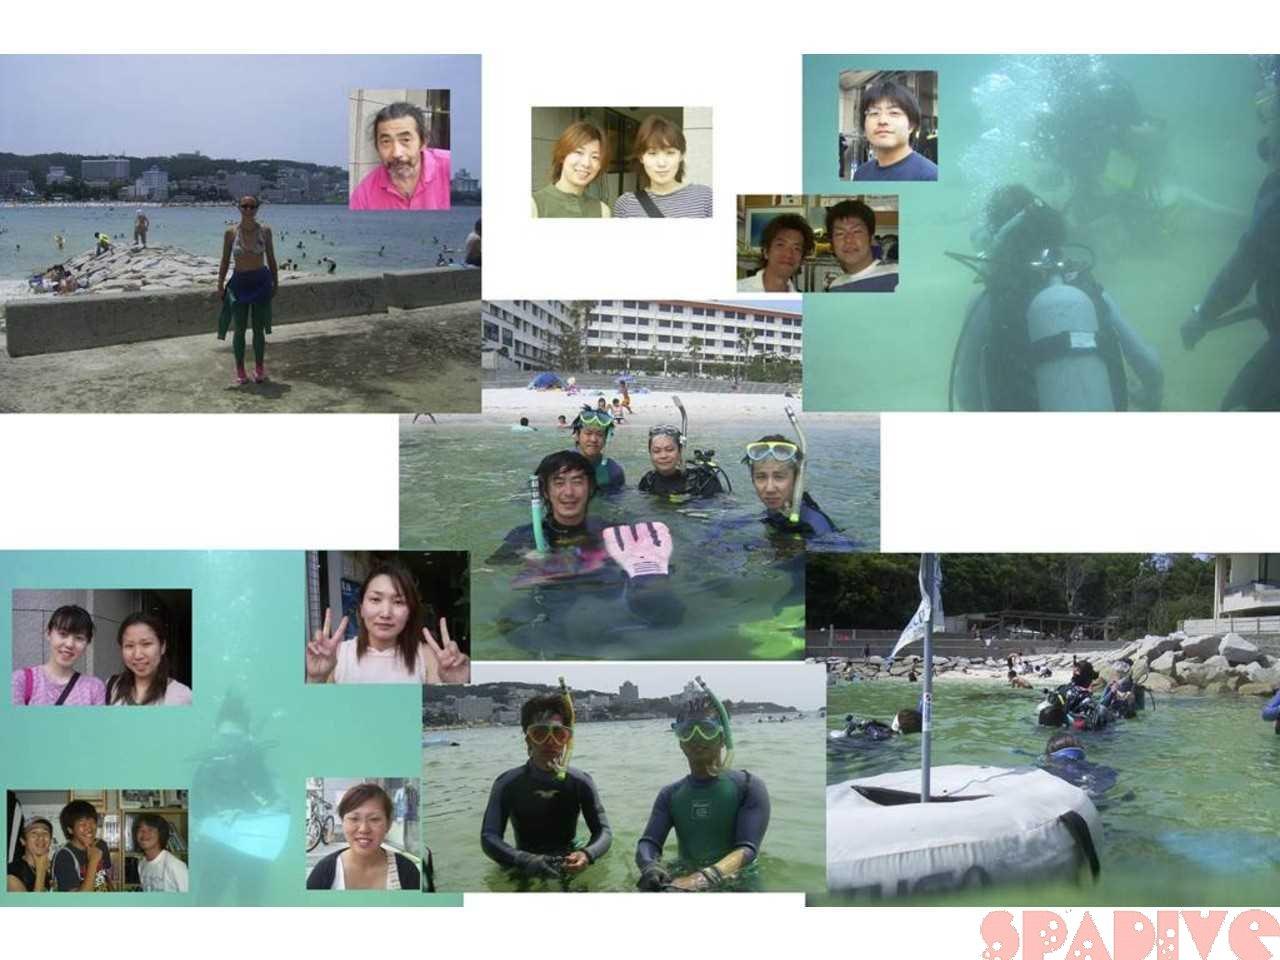 権現崎ビーチファンダイブ&体験ダイビング|7/11/2004白浜